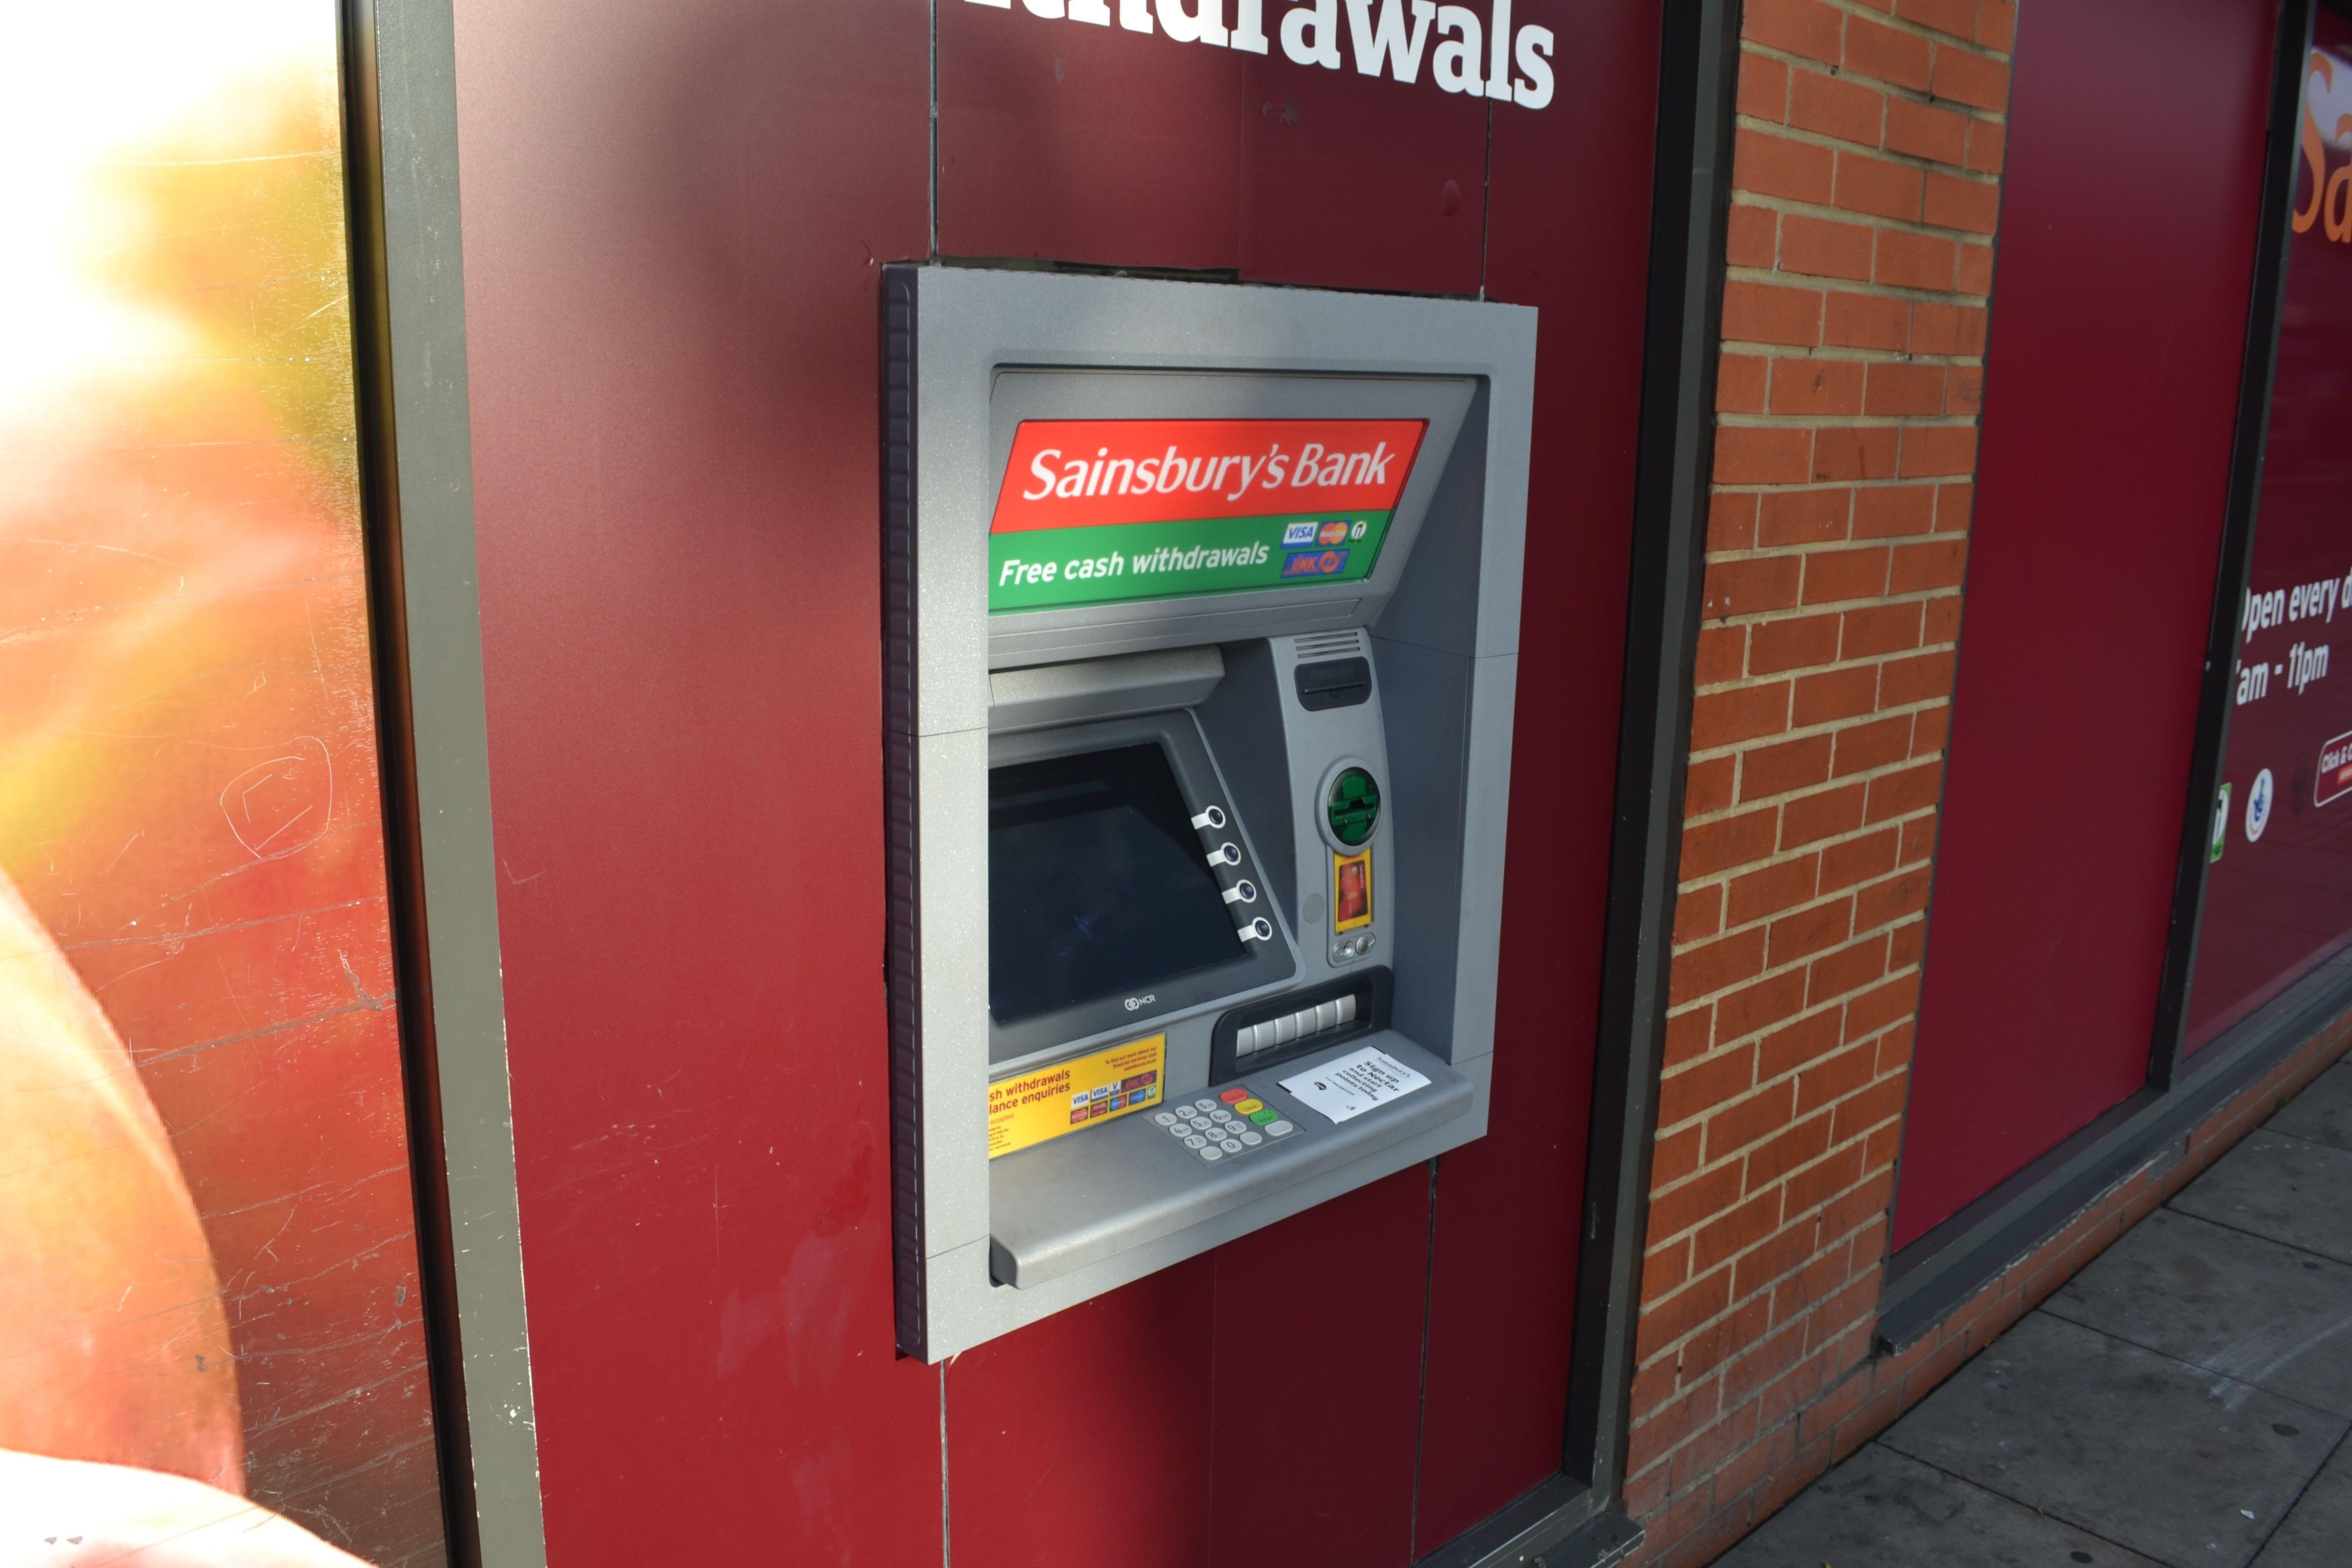 Am Geldautomaten ist der Tausch günstig und schnell erledigt